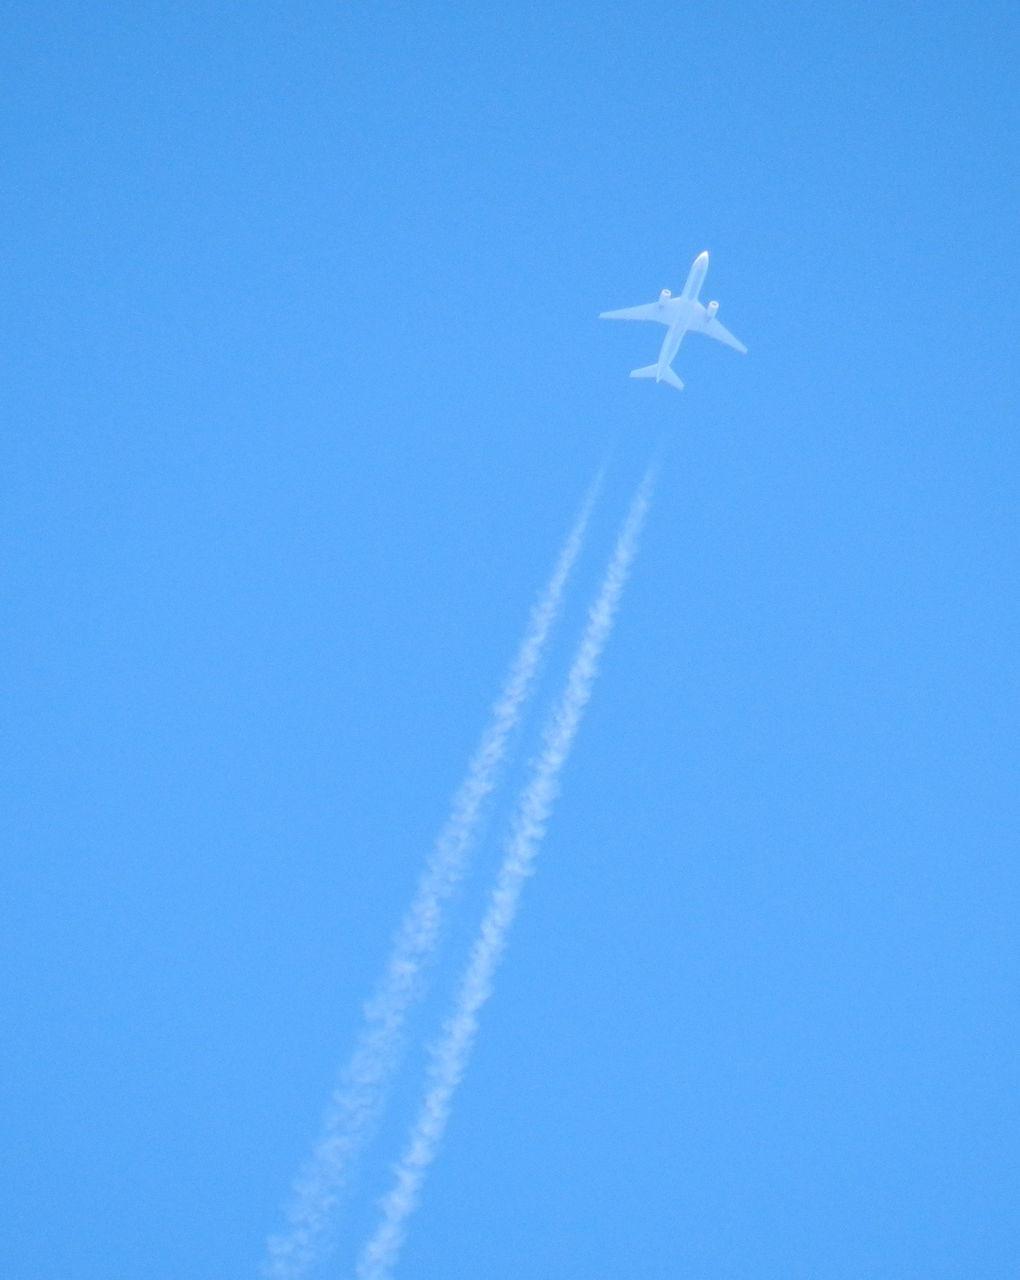 飛行機雲 出来立てほやほやの飛行機雲です♪青い空に白い線がくっきりとこんな風に飛行... コモハ